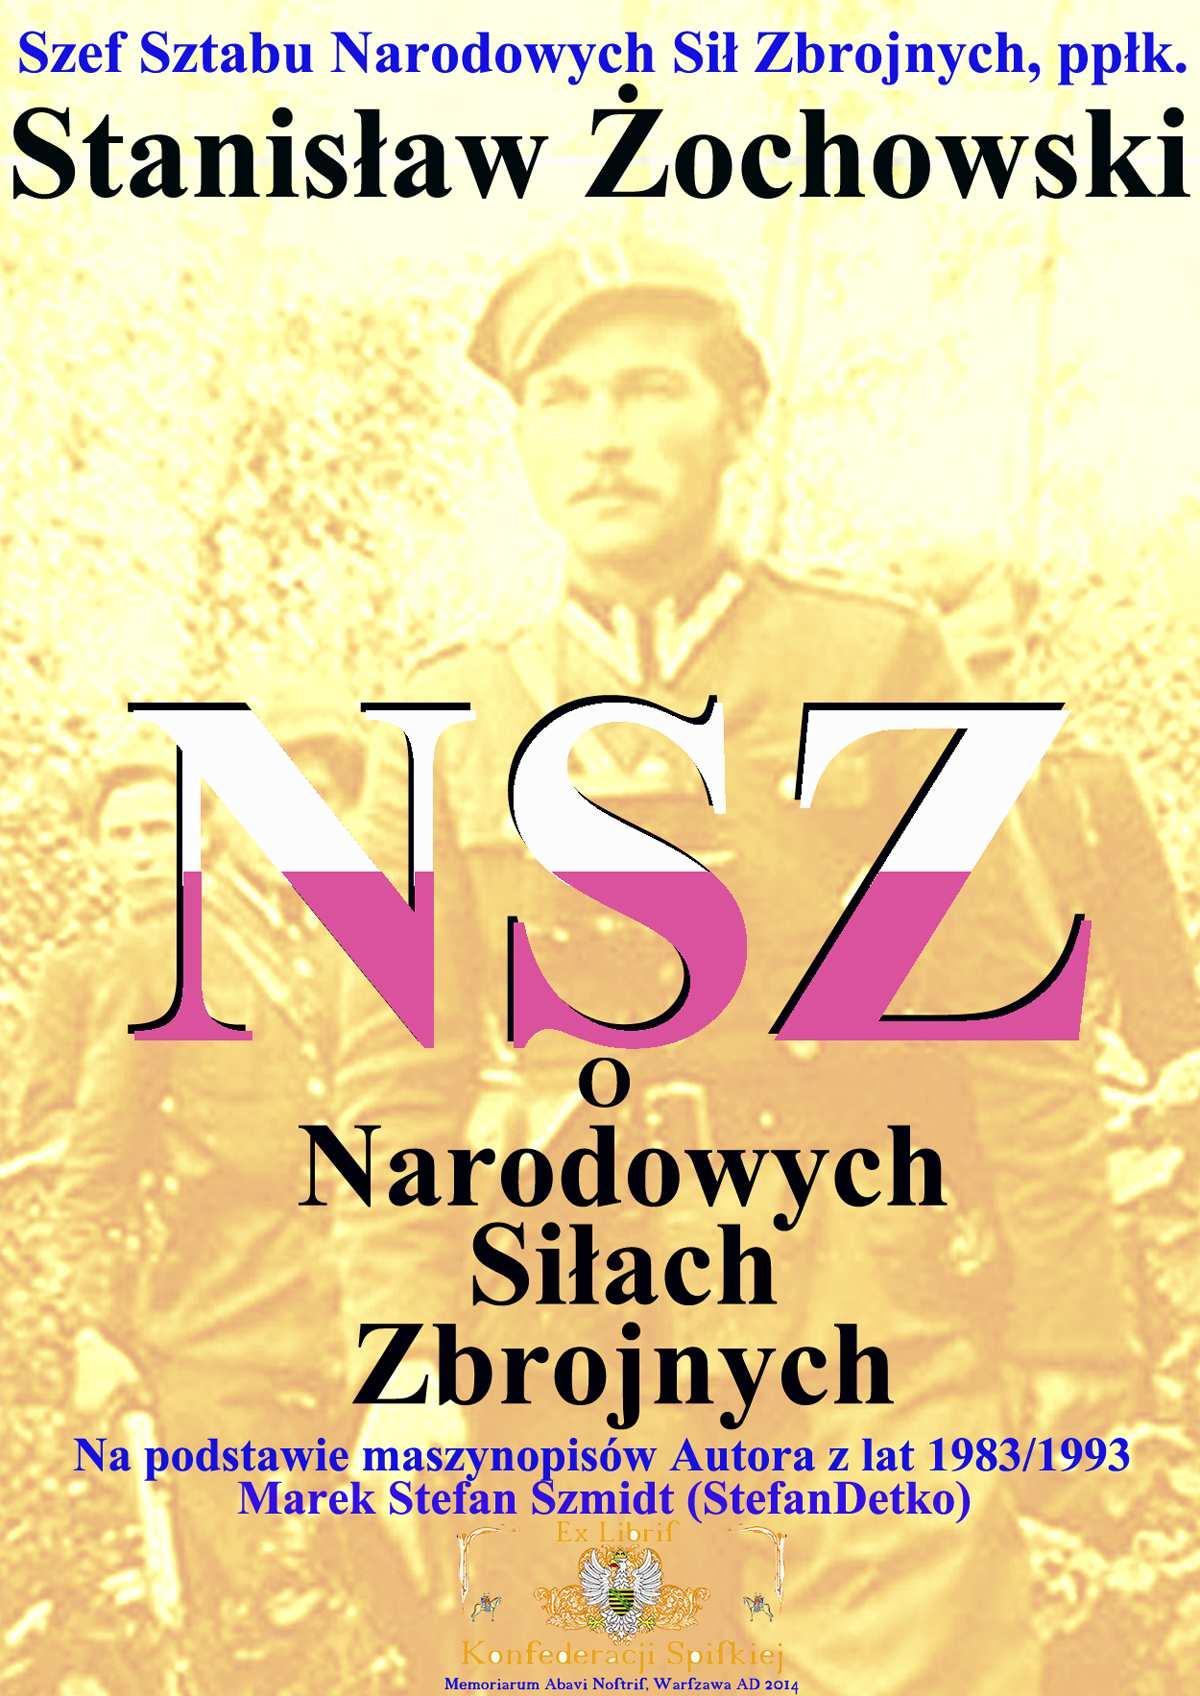 NSZ o Narodowych Siłach Zbrojnych - Ebook (Książka PDF) do pobrania w formacie PDF